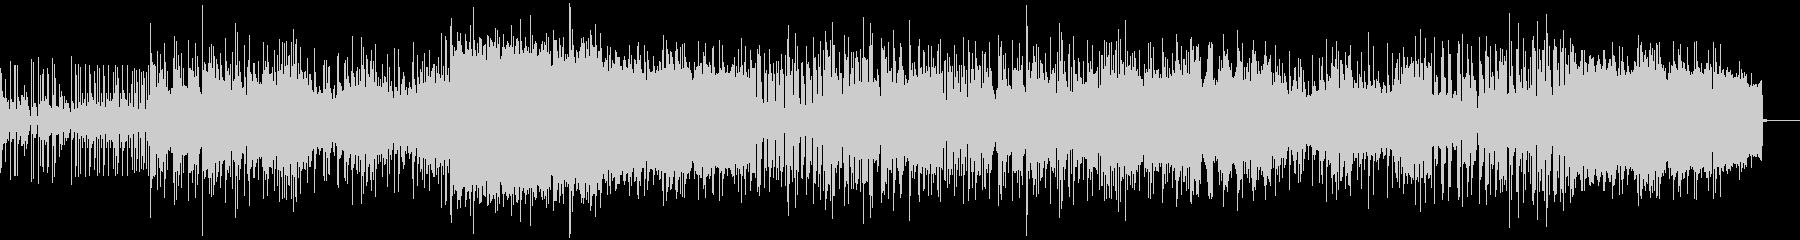 激しいノリのニューウェイヴ風ポストロックの未再生の波形